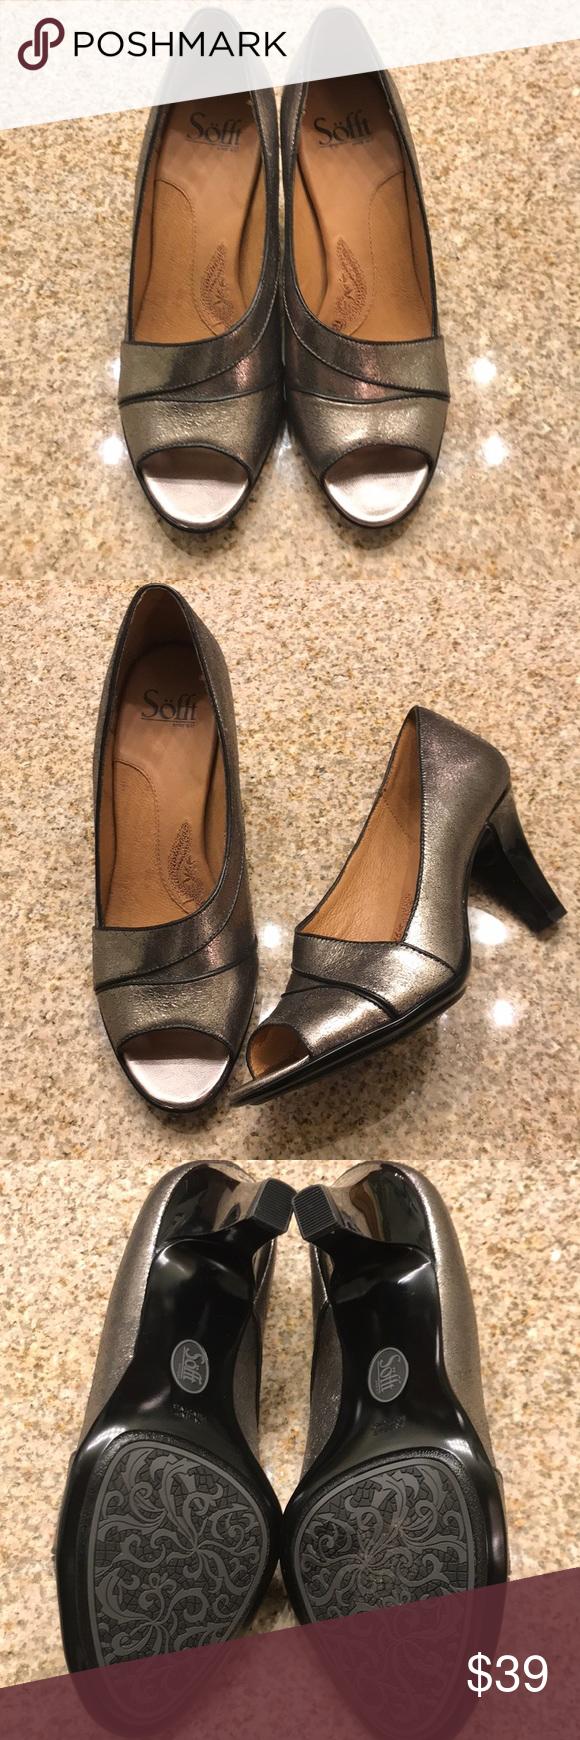 Peep toe pumps, Sofft shoes